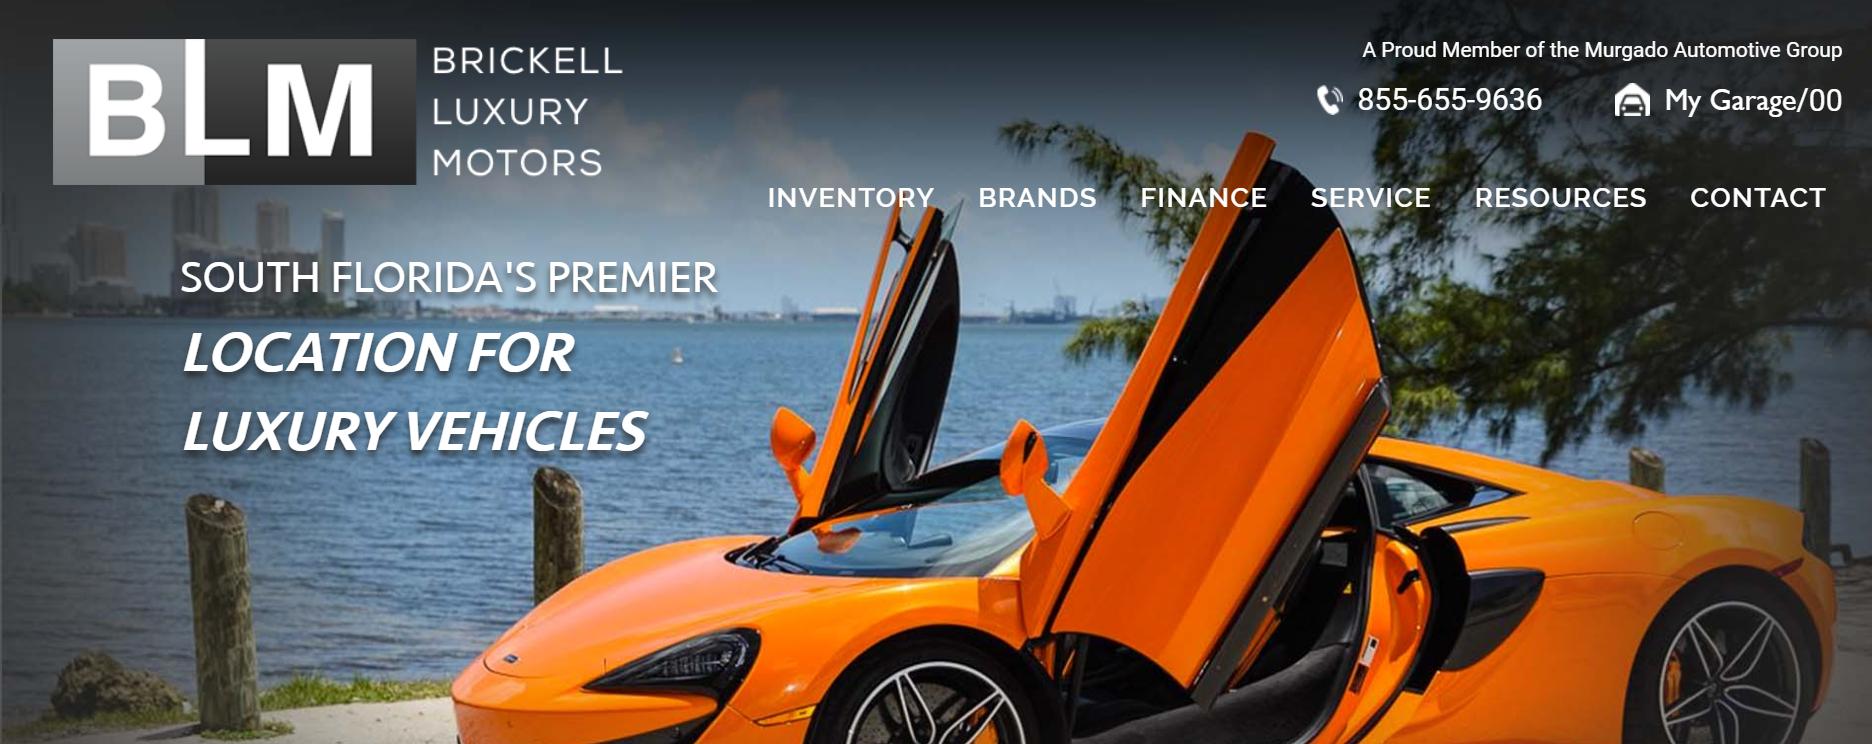 Brickell Luxury Motors in Miami